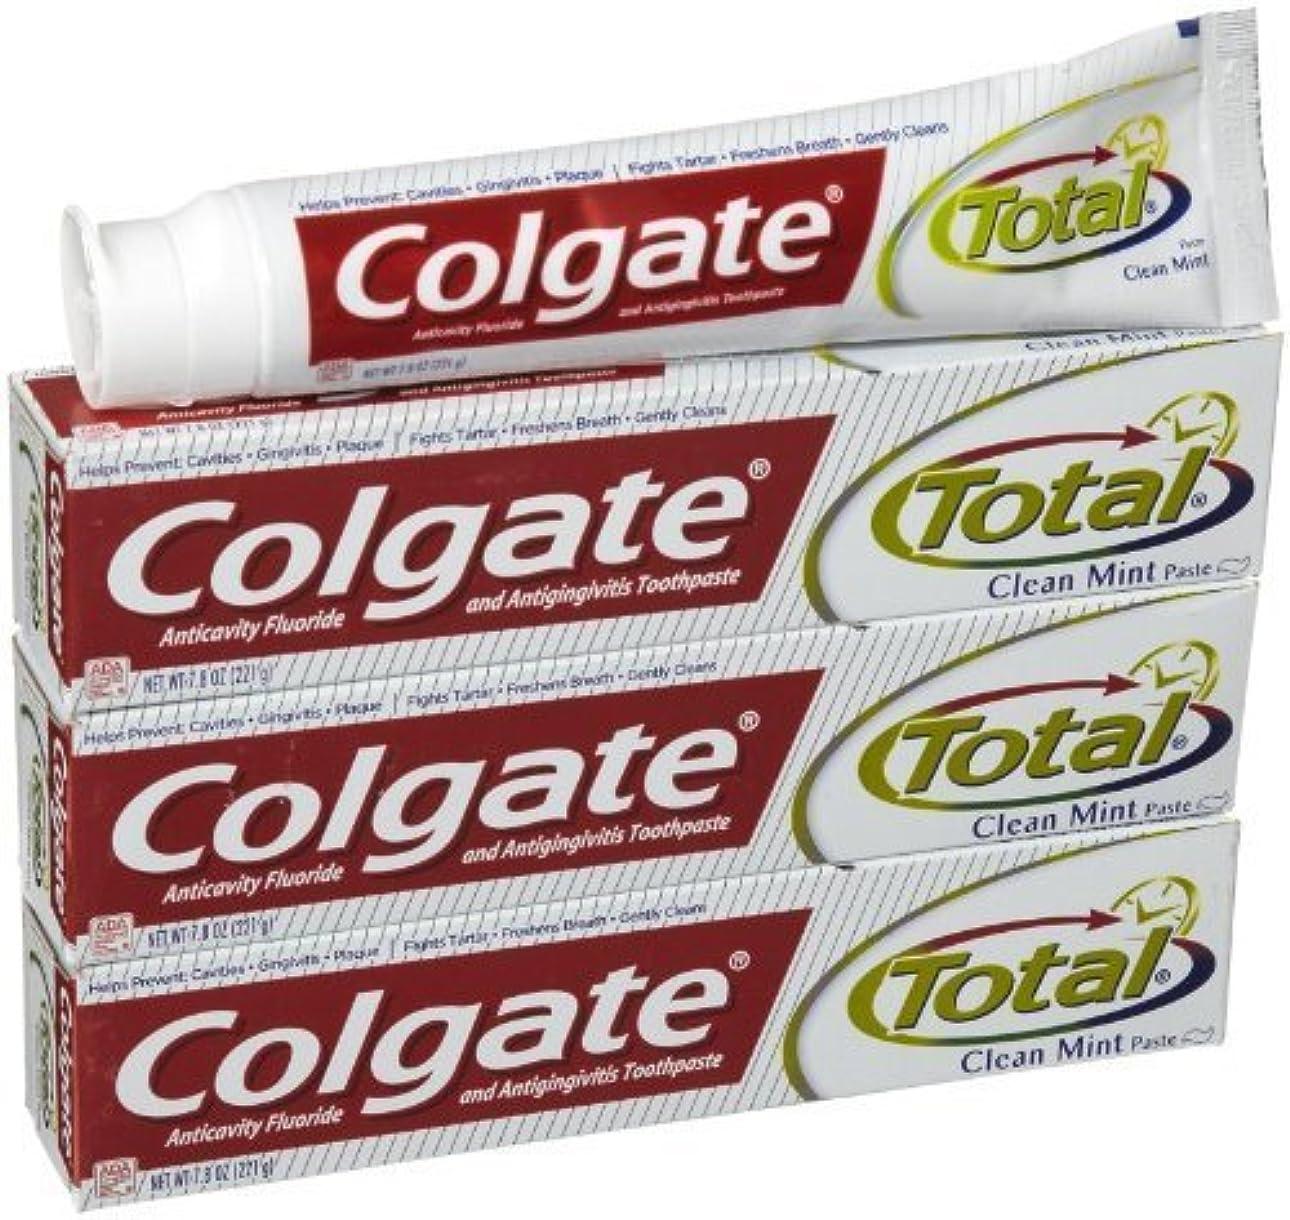 スキャンブリリアントアシュリータファーマンコルゲート クリーンミント 歯磨き粉 7.8OZ-3個 Colgate Total Original Toothpast Clean mint